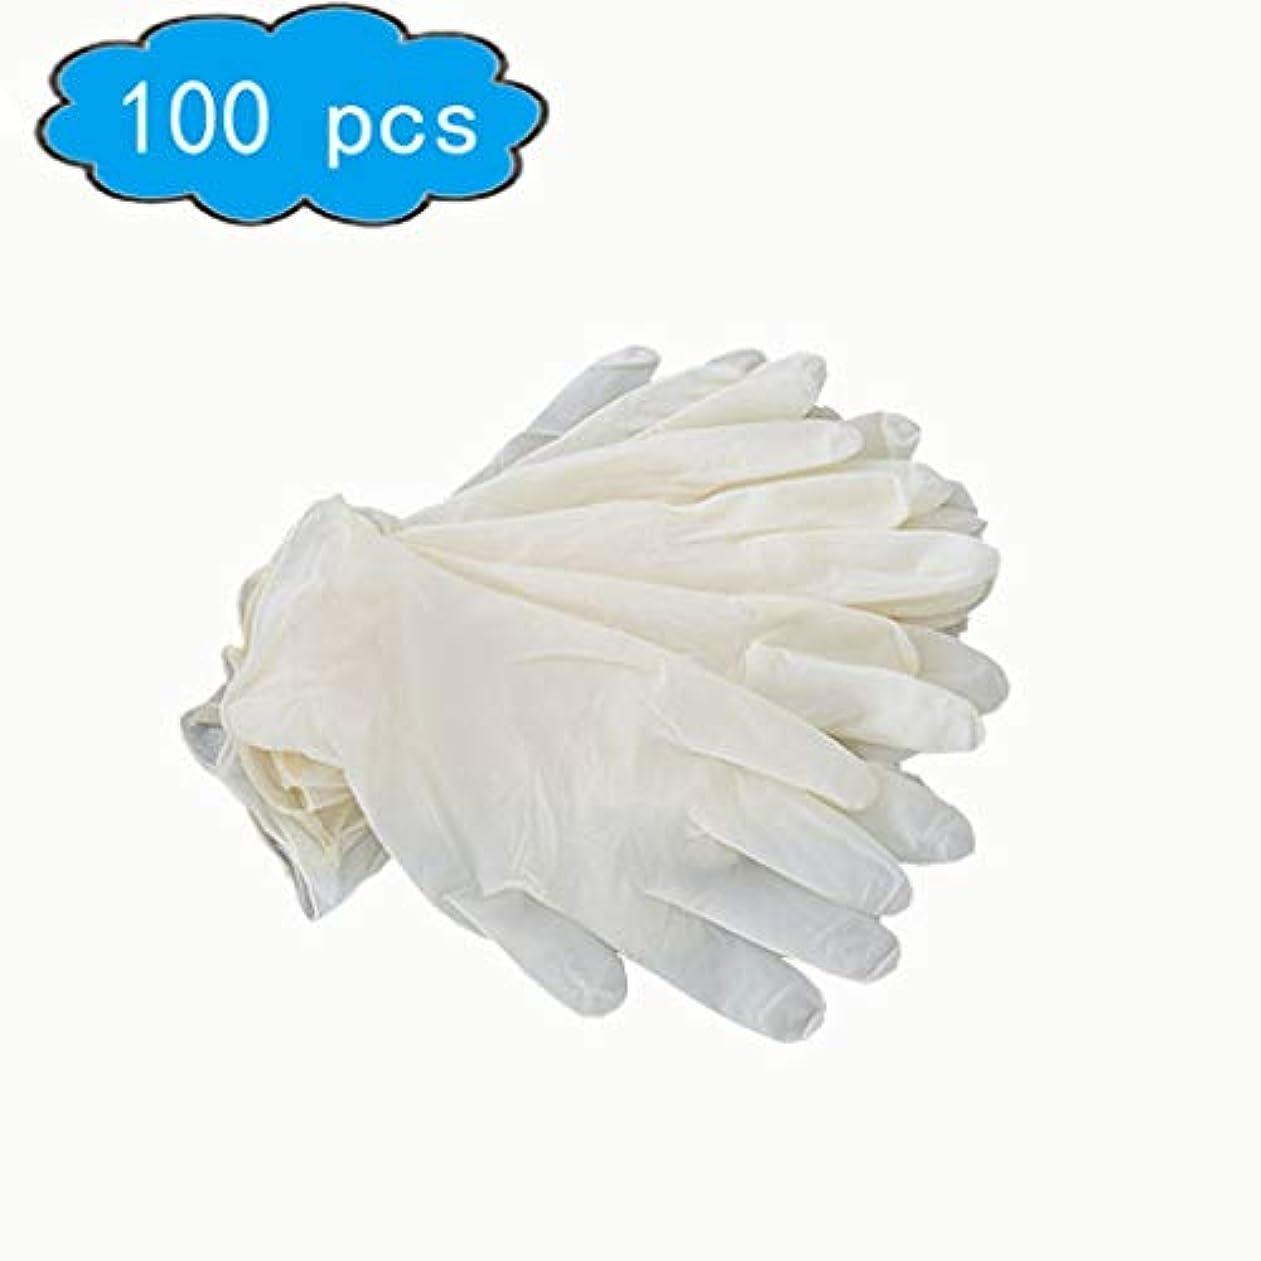 アプトルビーコンドームラテックスゴム手袋パウダーフリー/使い捨て食品調理用手袋/キッチンフードサービスクリーニンググローブサイズ中型、100個入り、応急処置用品 (Color : Beige, Size : L)